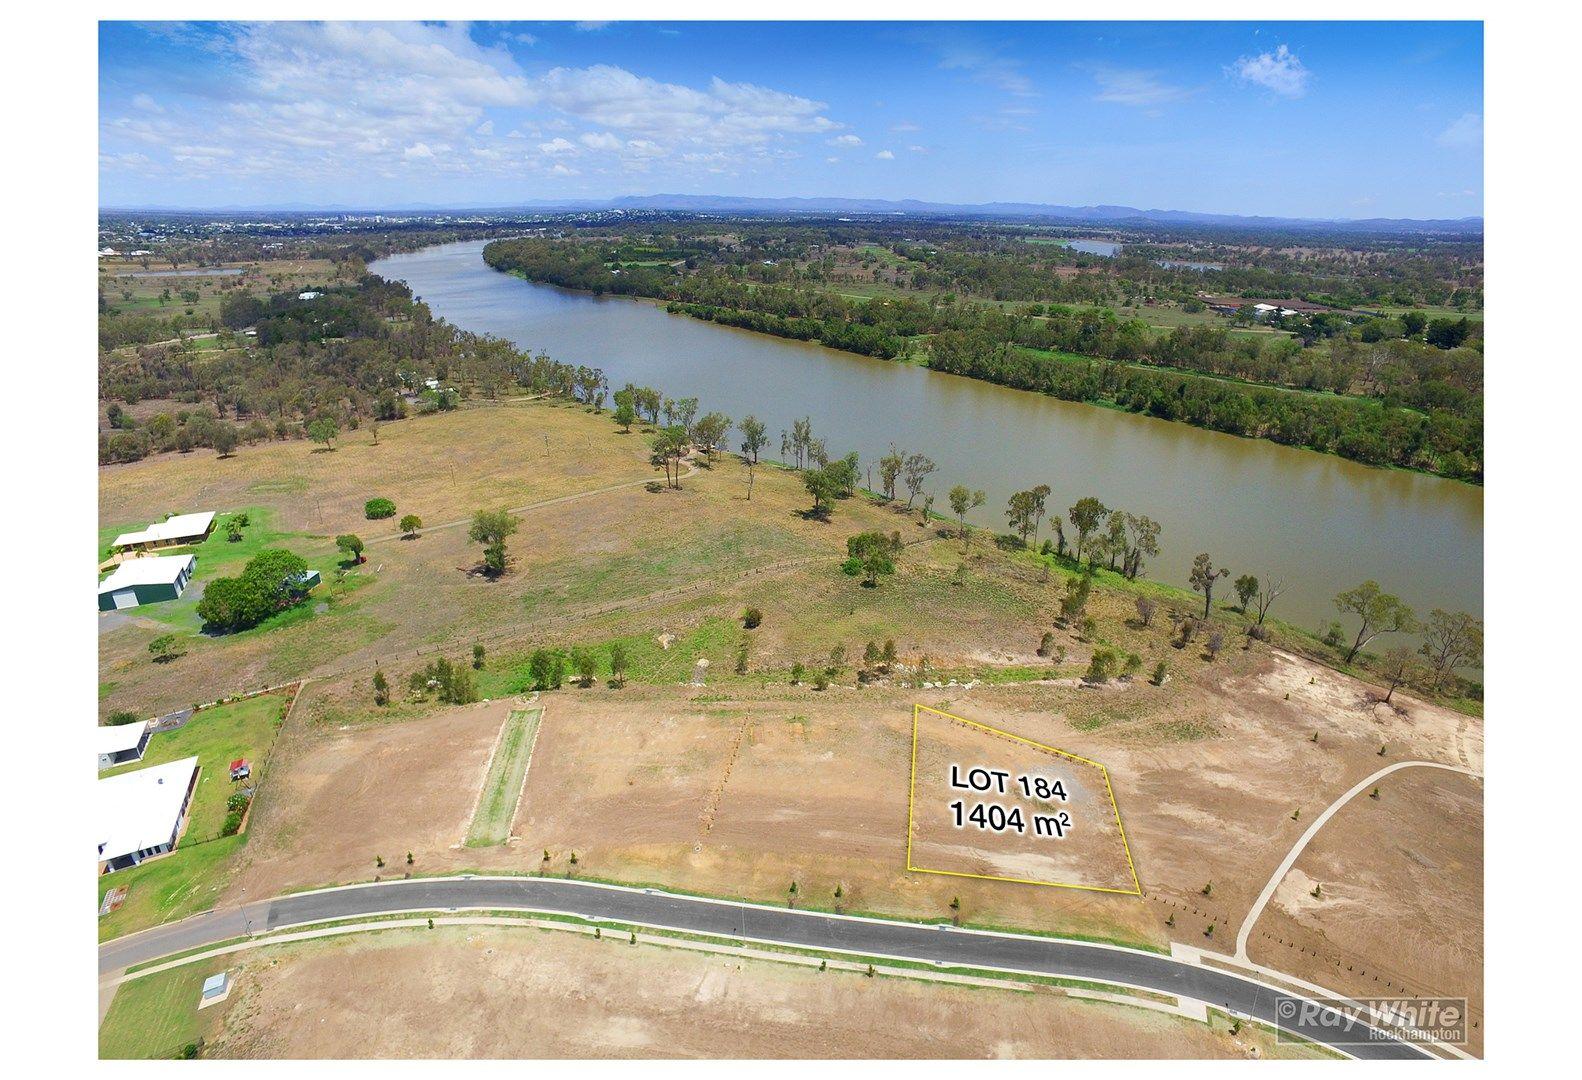 Lot 184 Riverside Drive, Parkhurst QLD 4702, Image 0